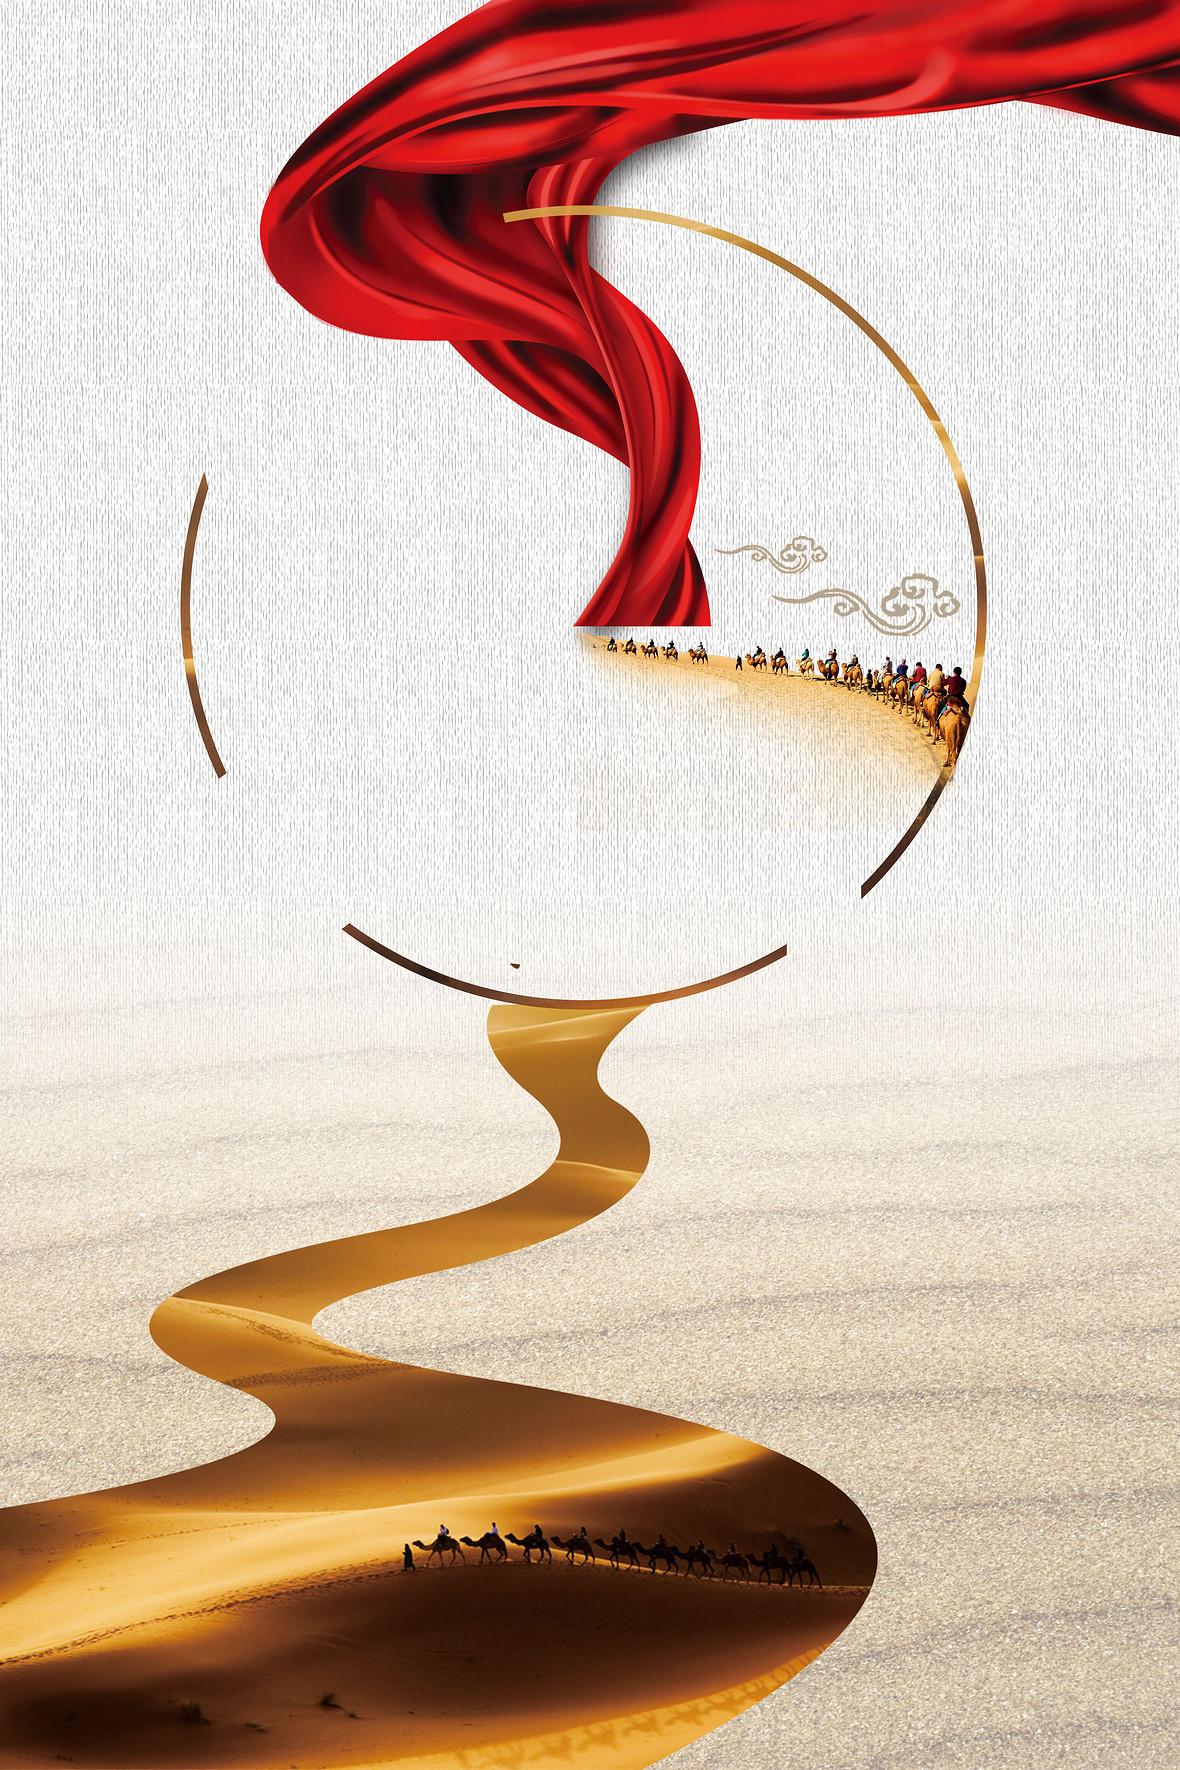 一带一路丝绸之路海报背景素材